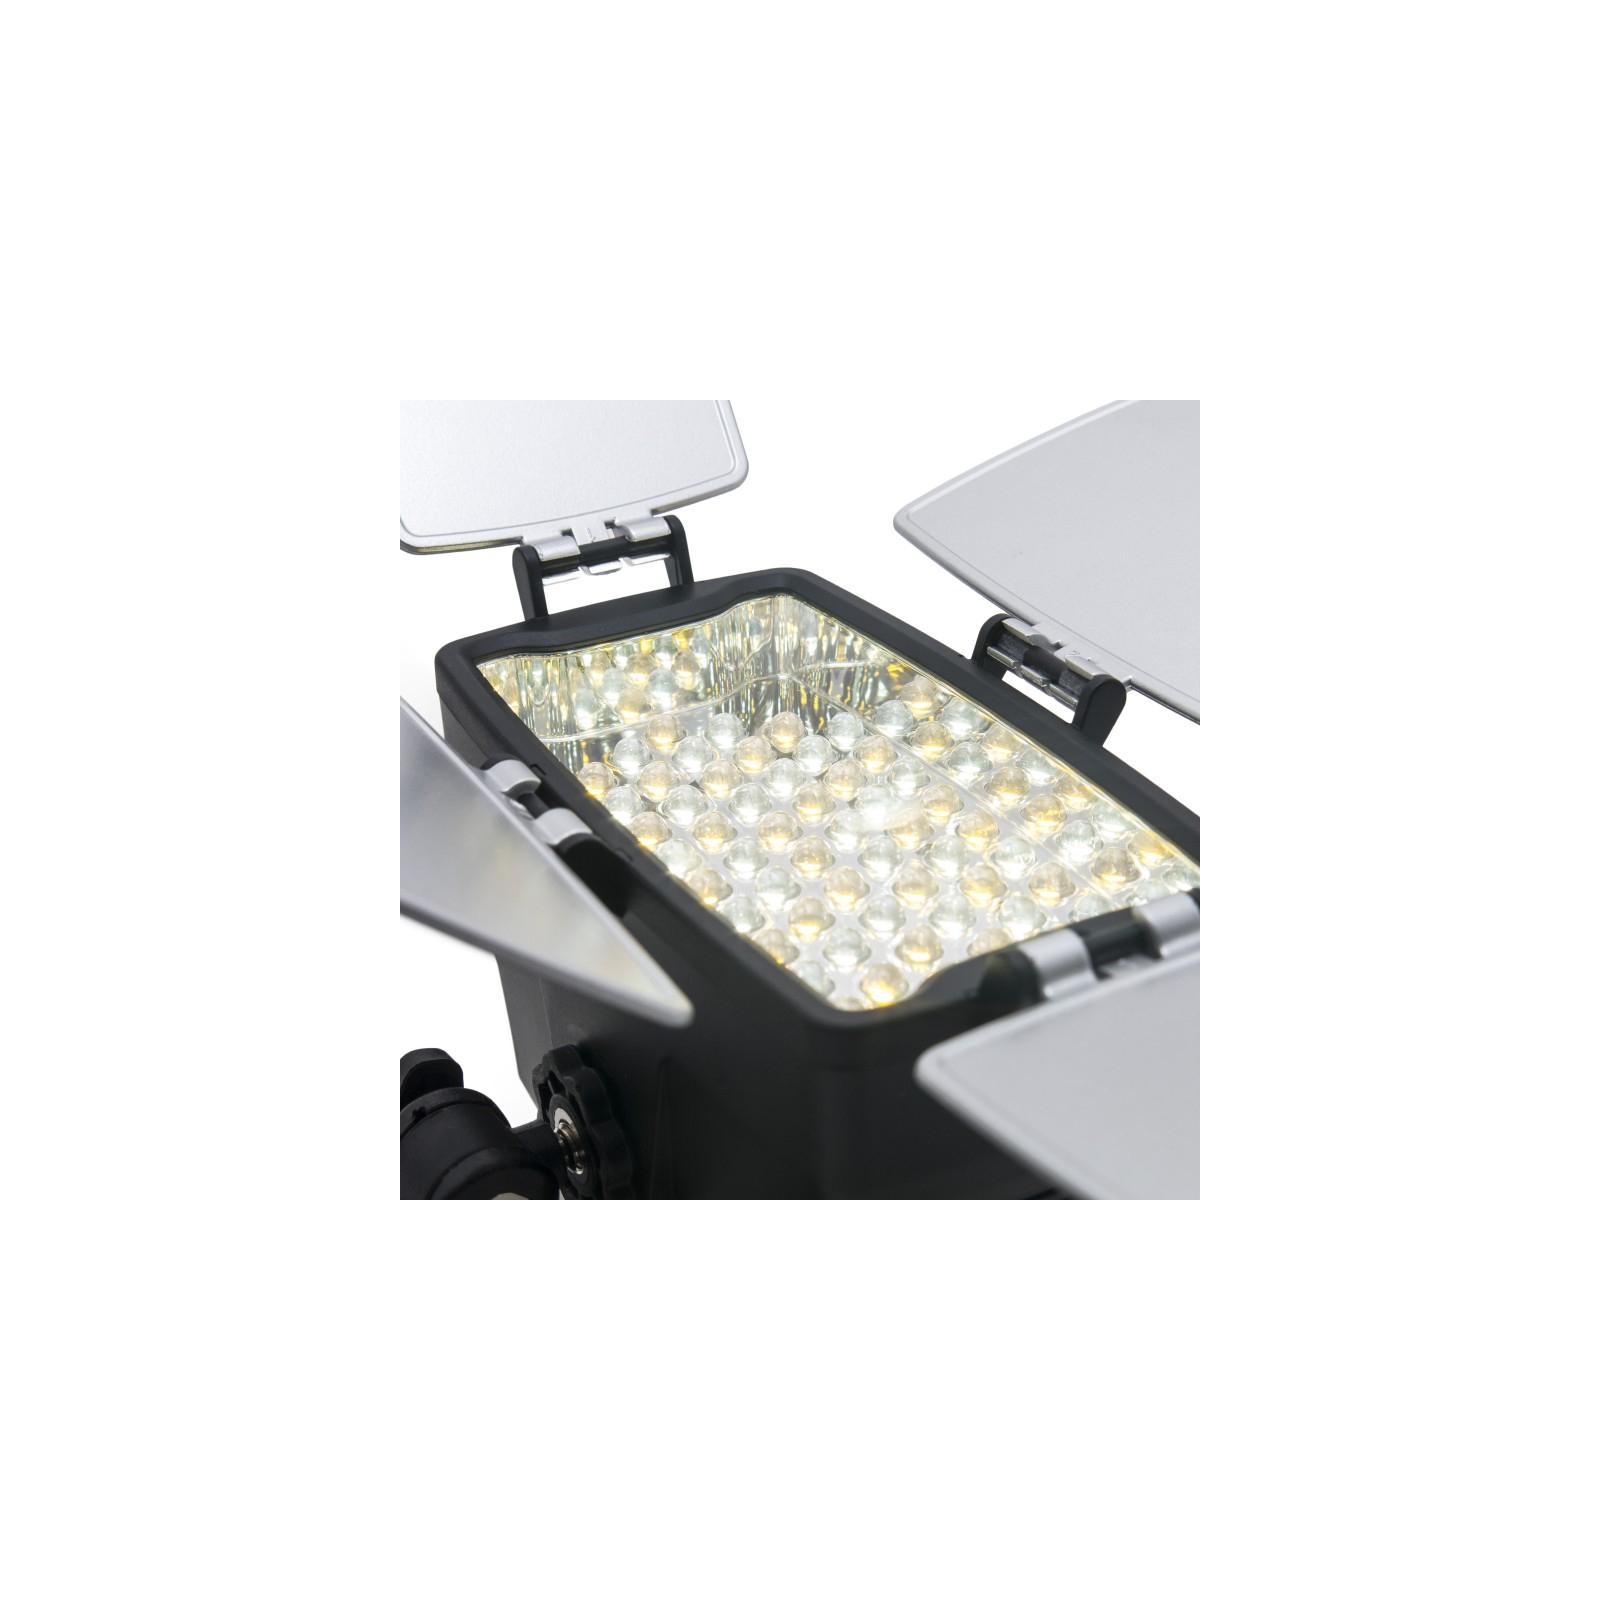 Вспышка EXTRADIGITAL Накамерный свет LED-5028 (LED3207) изображение 4